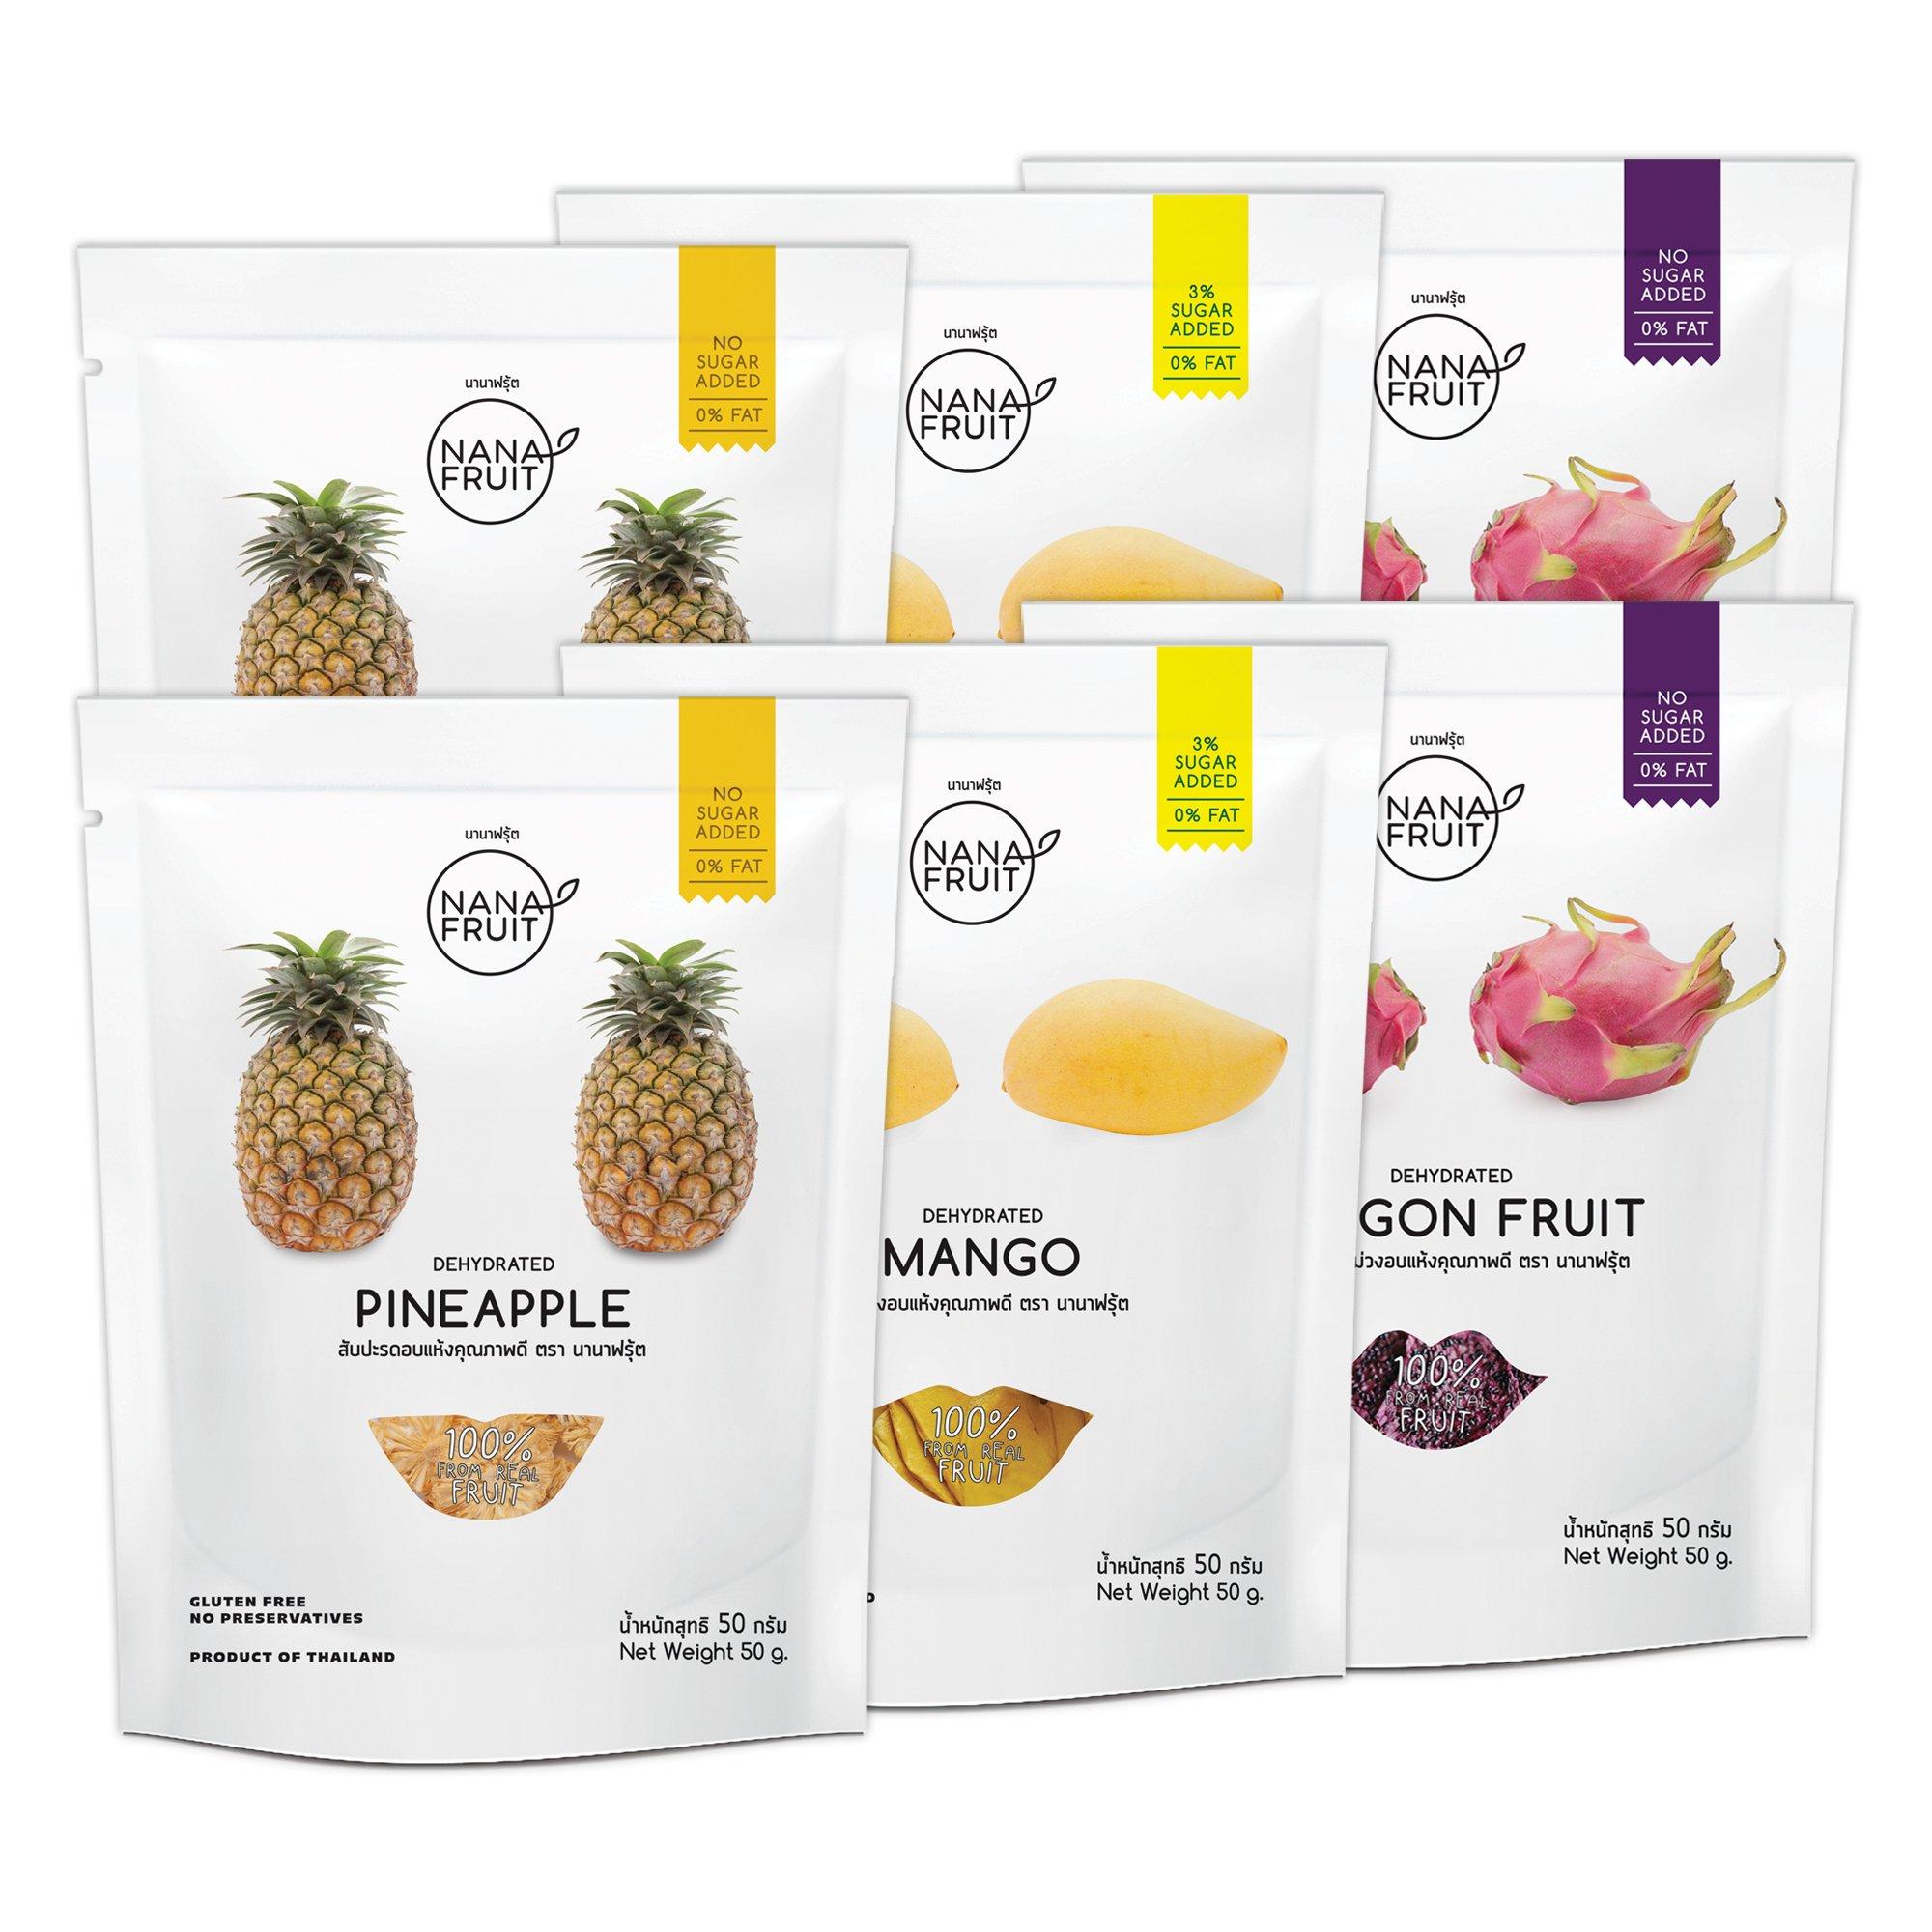 Nana Fruits Dried Pineapple Pack 50g. (2 Pack) Mango Pack 50g. (2 Pack) and Dragon Fruit Pack 50g. (2 Pack)